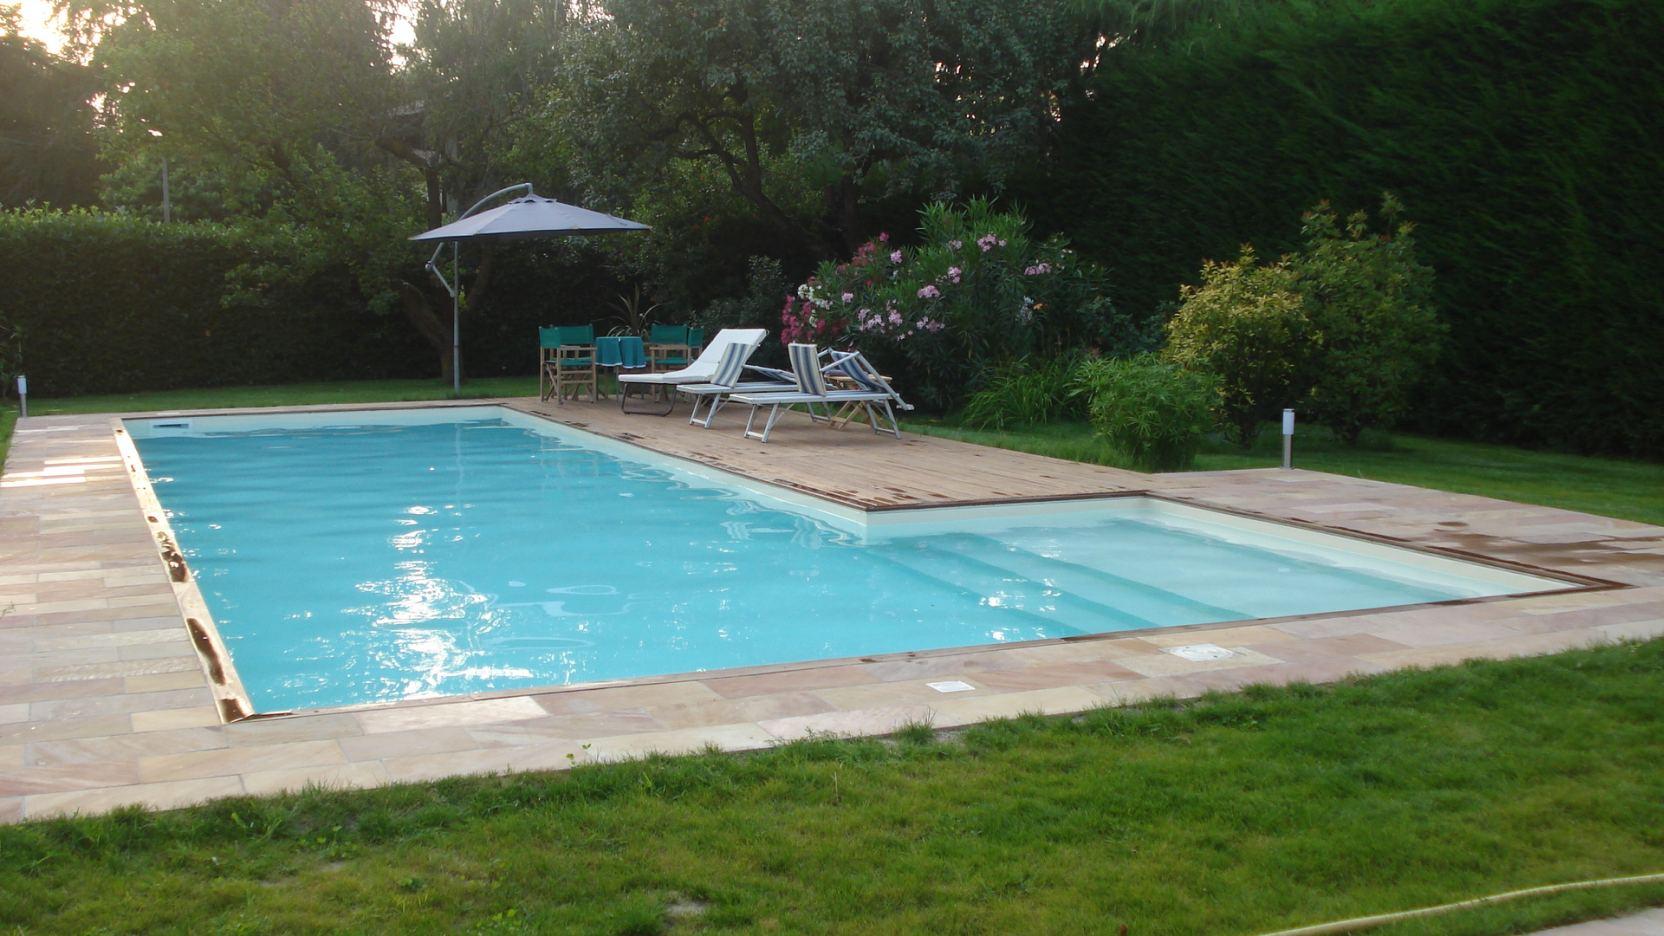 Revere mantova casareggio piscine piscine piscine mantova costruttori di piscine - Piscina porto mantovano ...